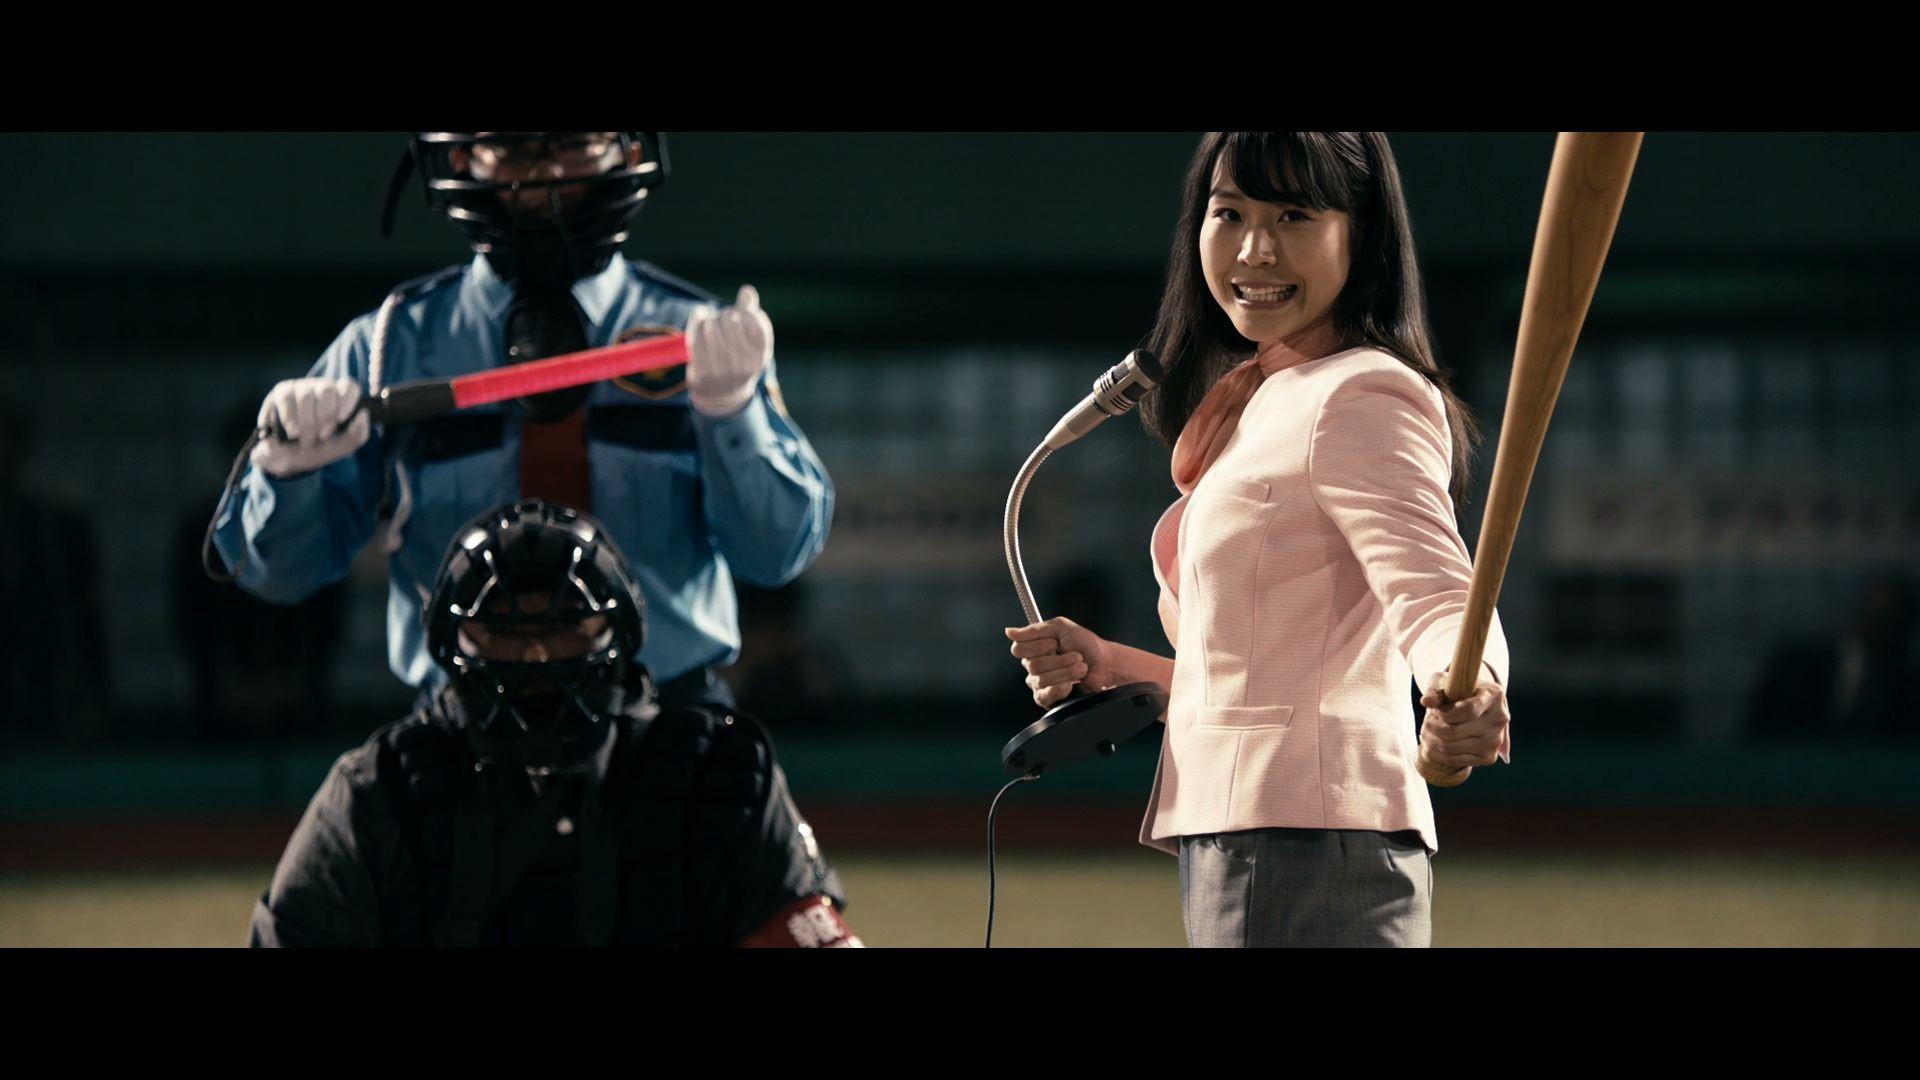 パーソルグループの新CMに人気野球解説者 里崎 智也さんが出演